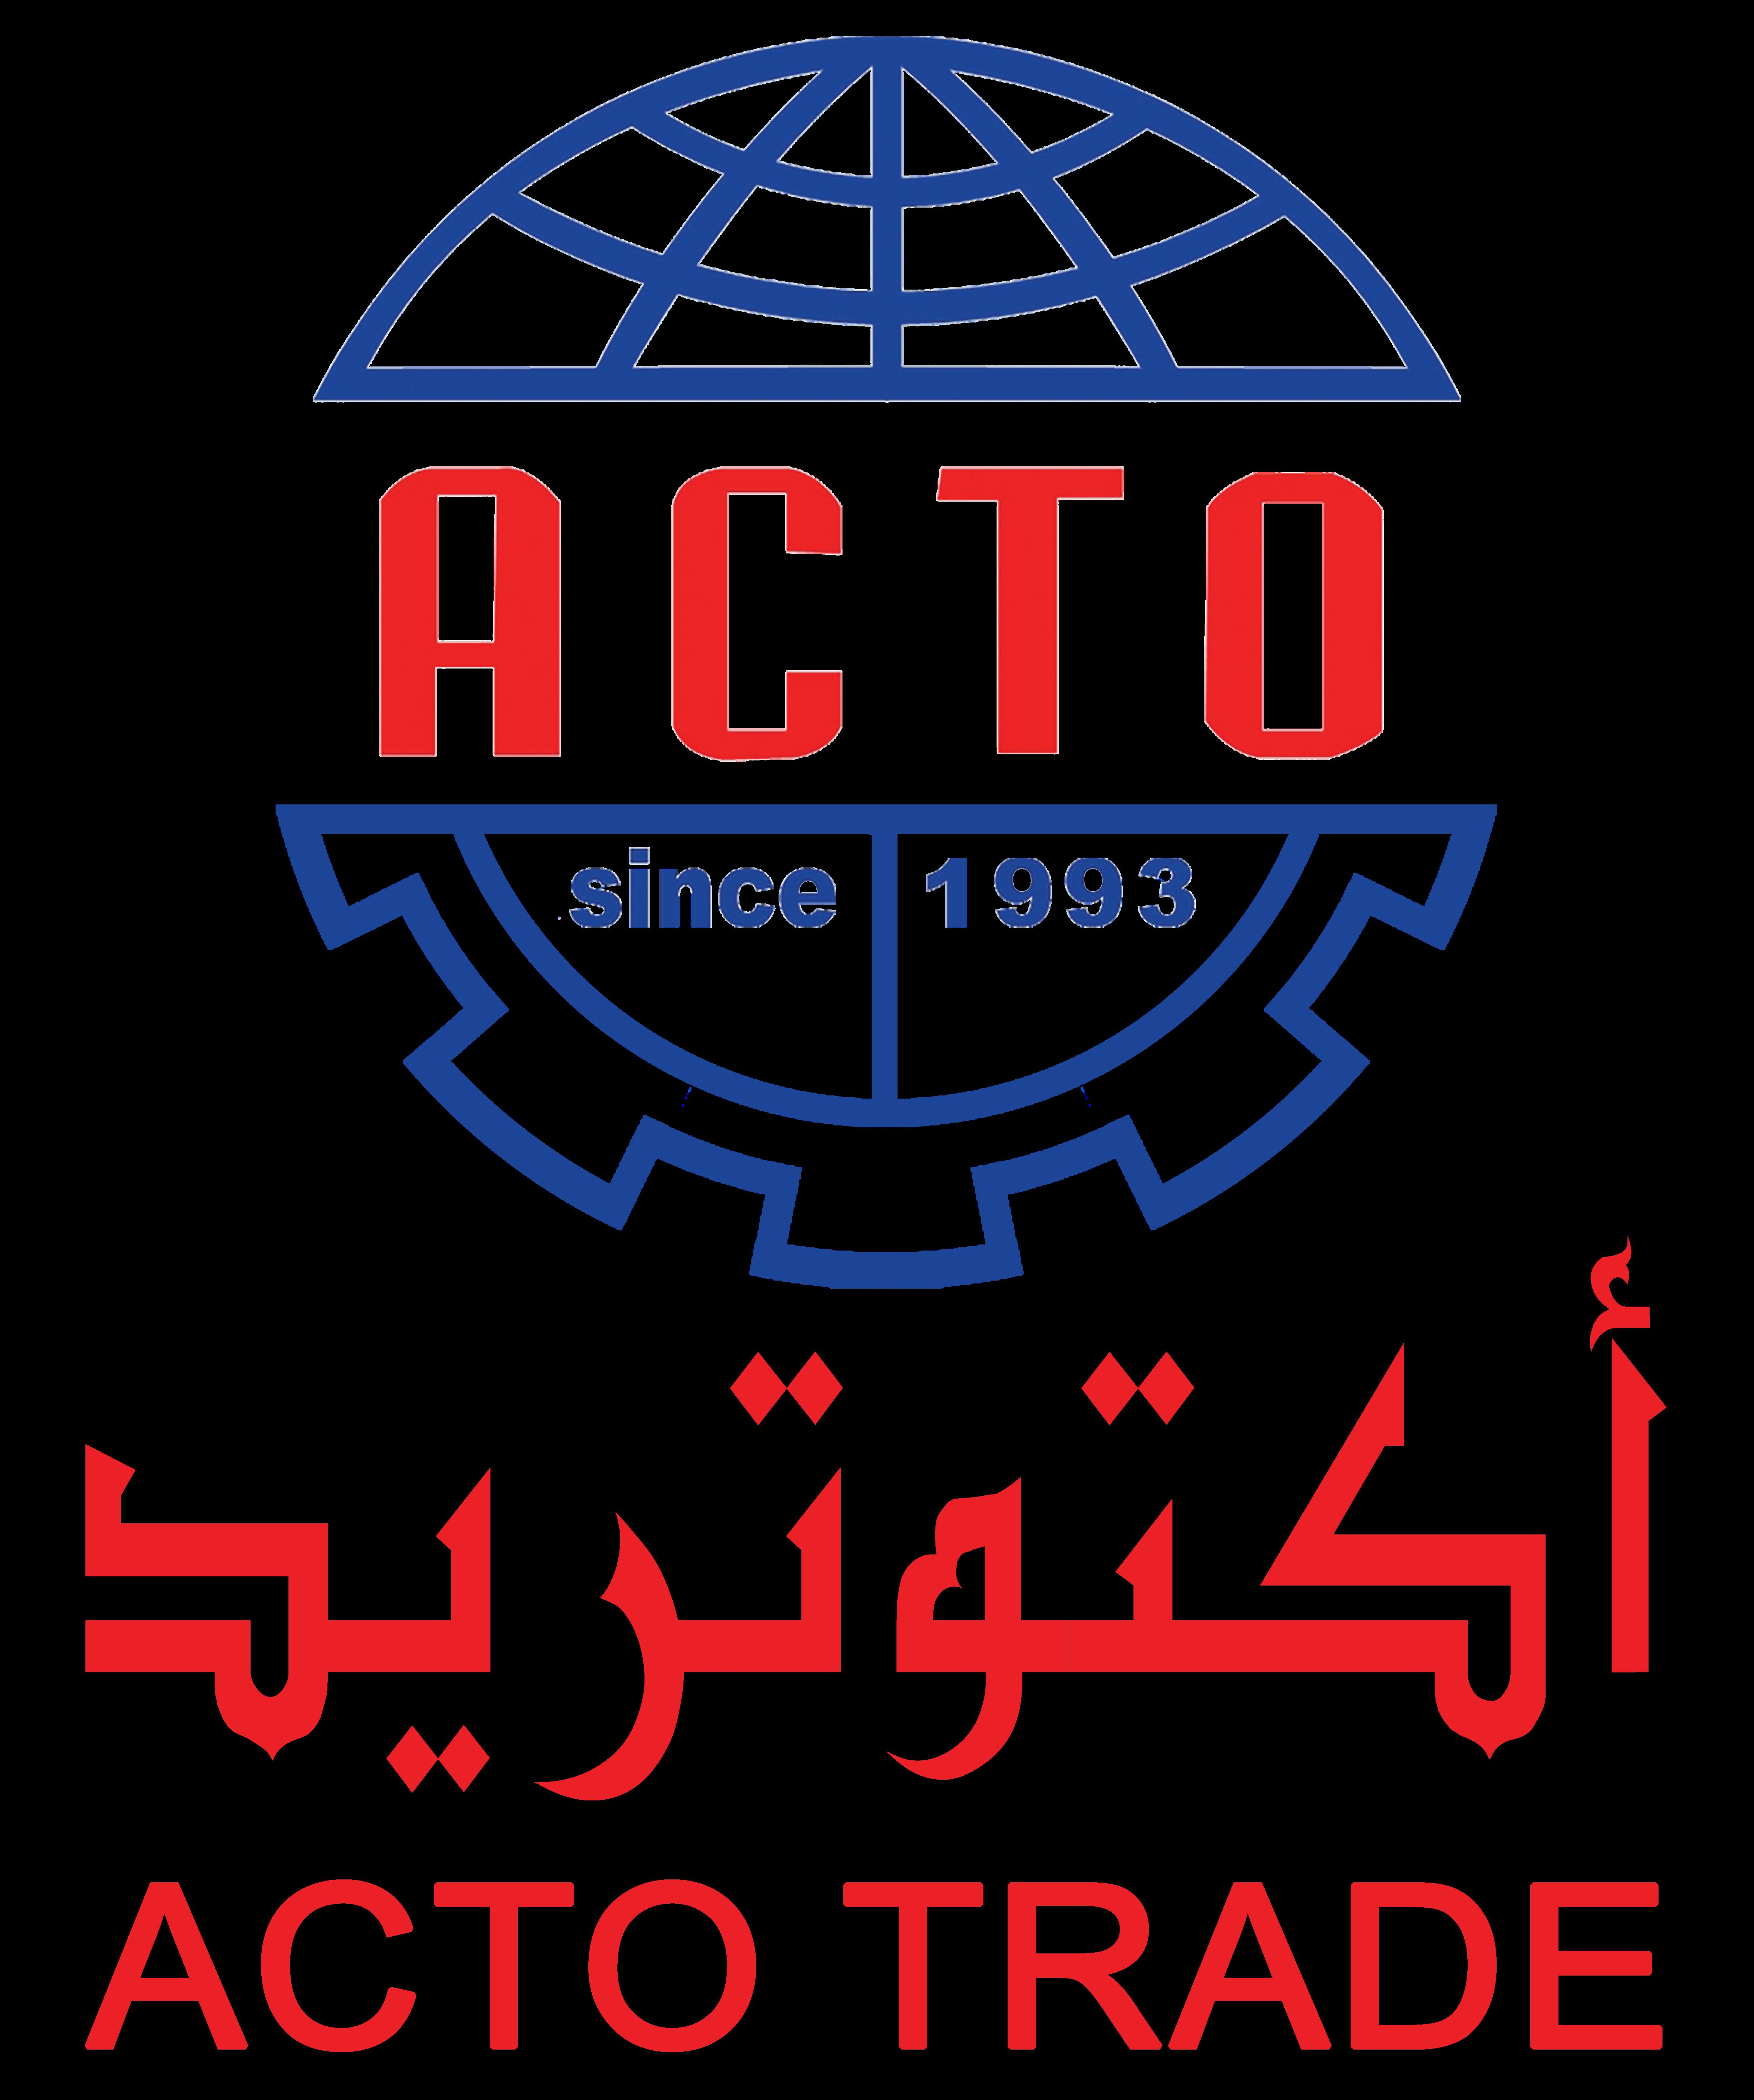 Acto Trade